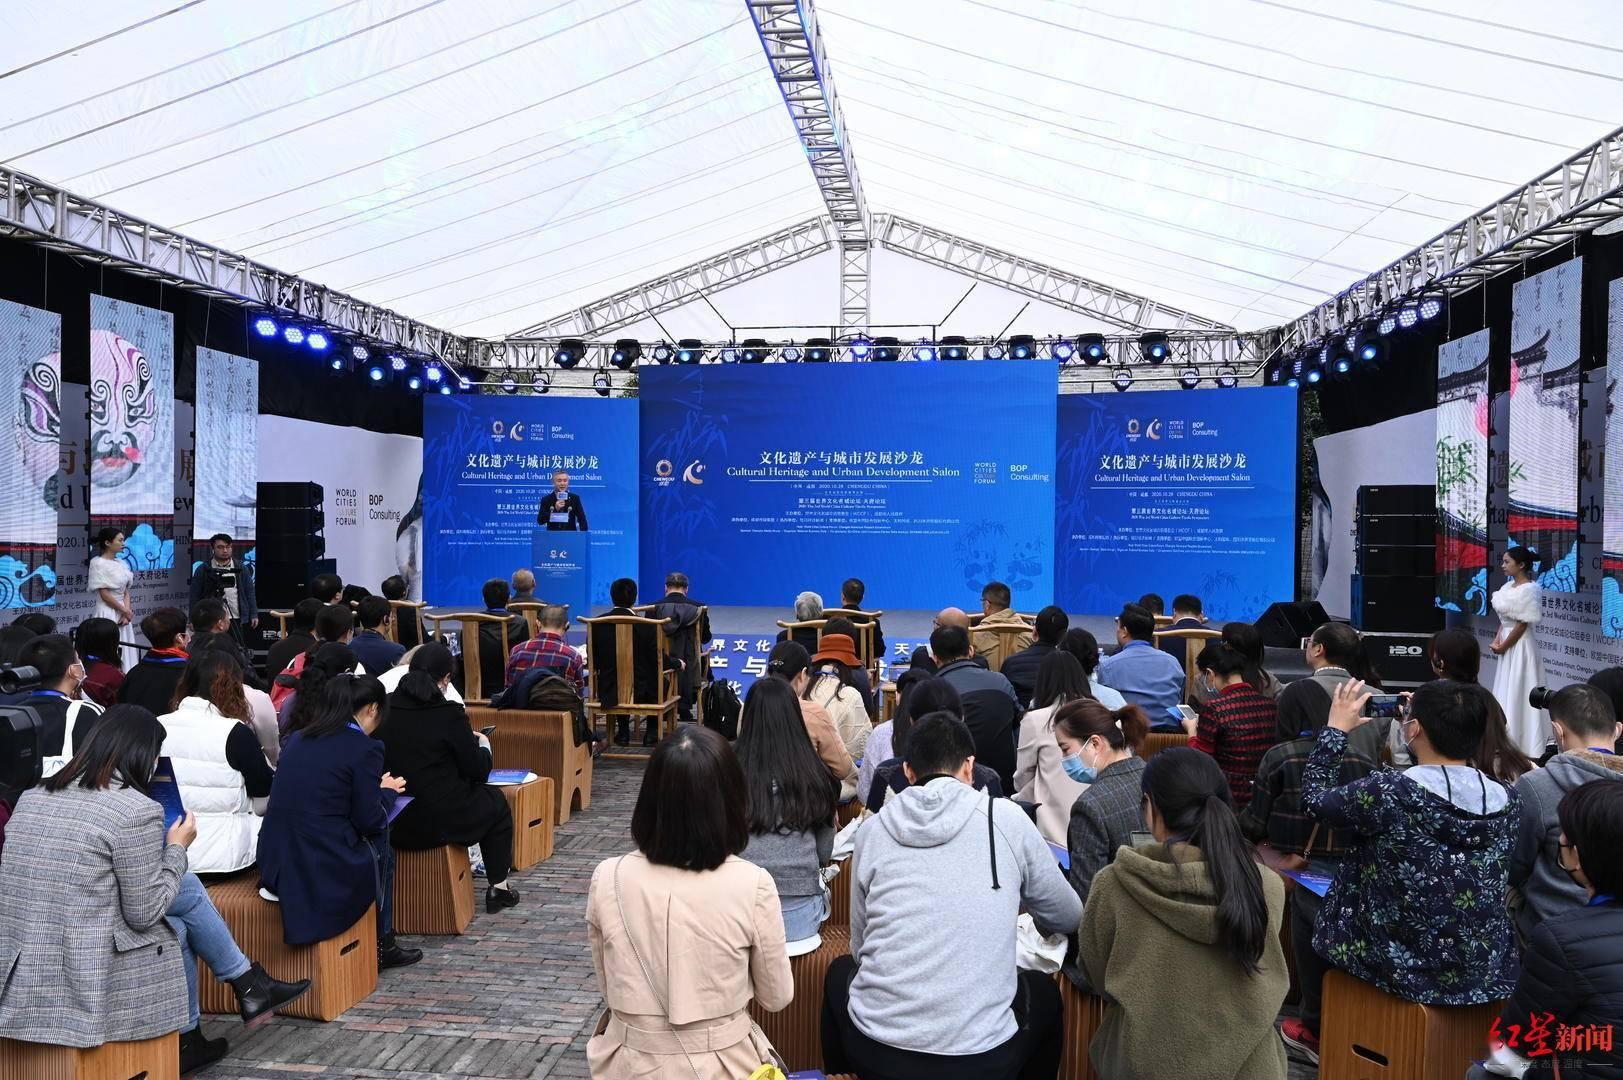 文化遗产与城市发展沙龙在成都举行!中外专家学者论道城市与文化